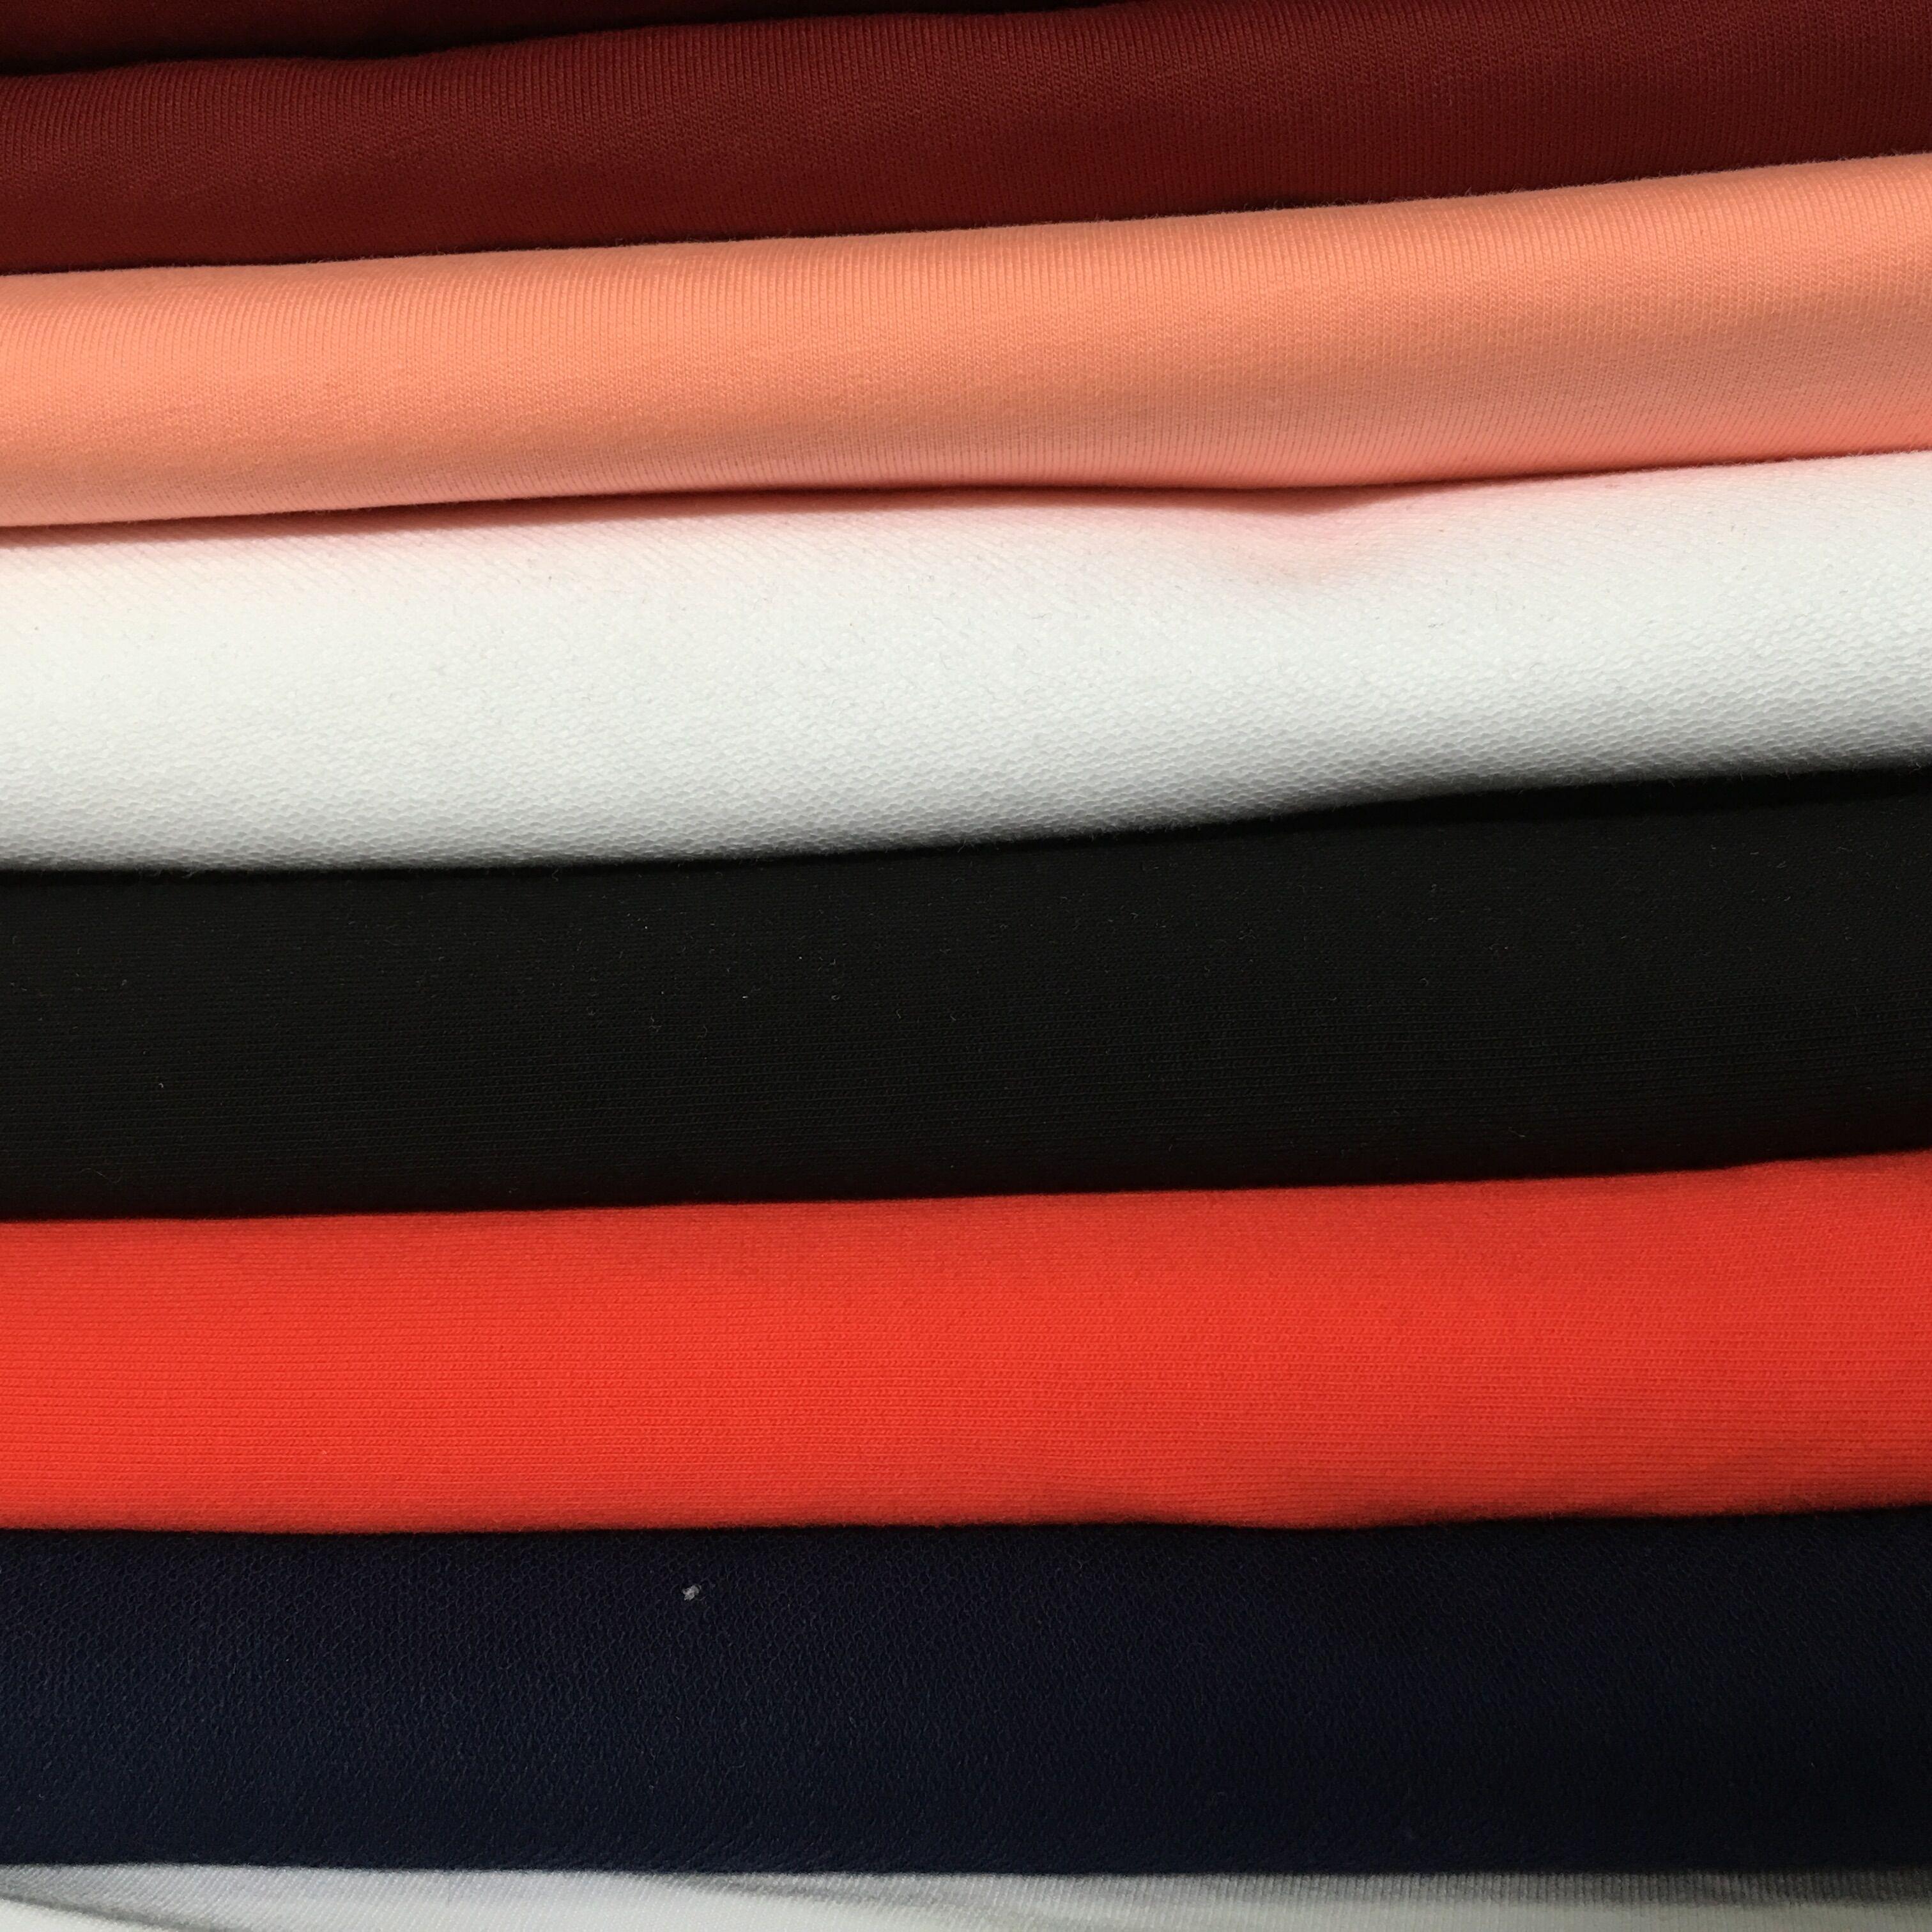 广东全棉卫衣仔面料厂家,禅城全棉卫衣仔面料厂家,禅城卫衣仔面料供应商,卫衣仔面料